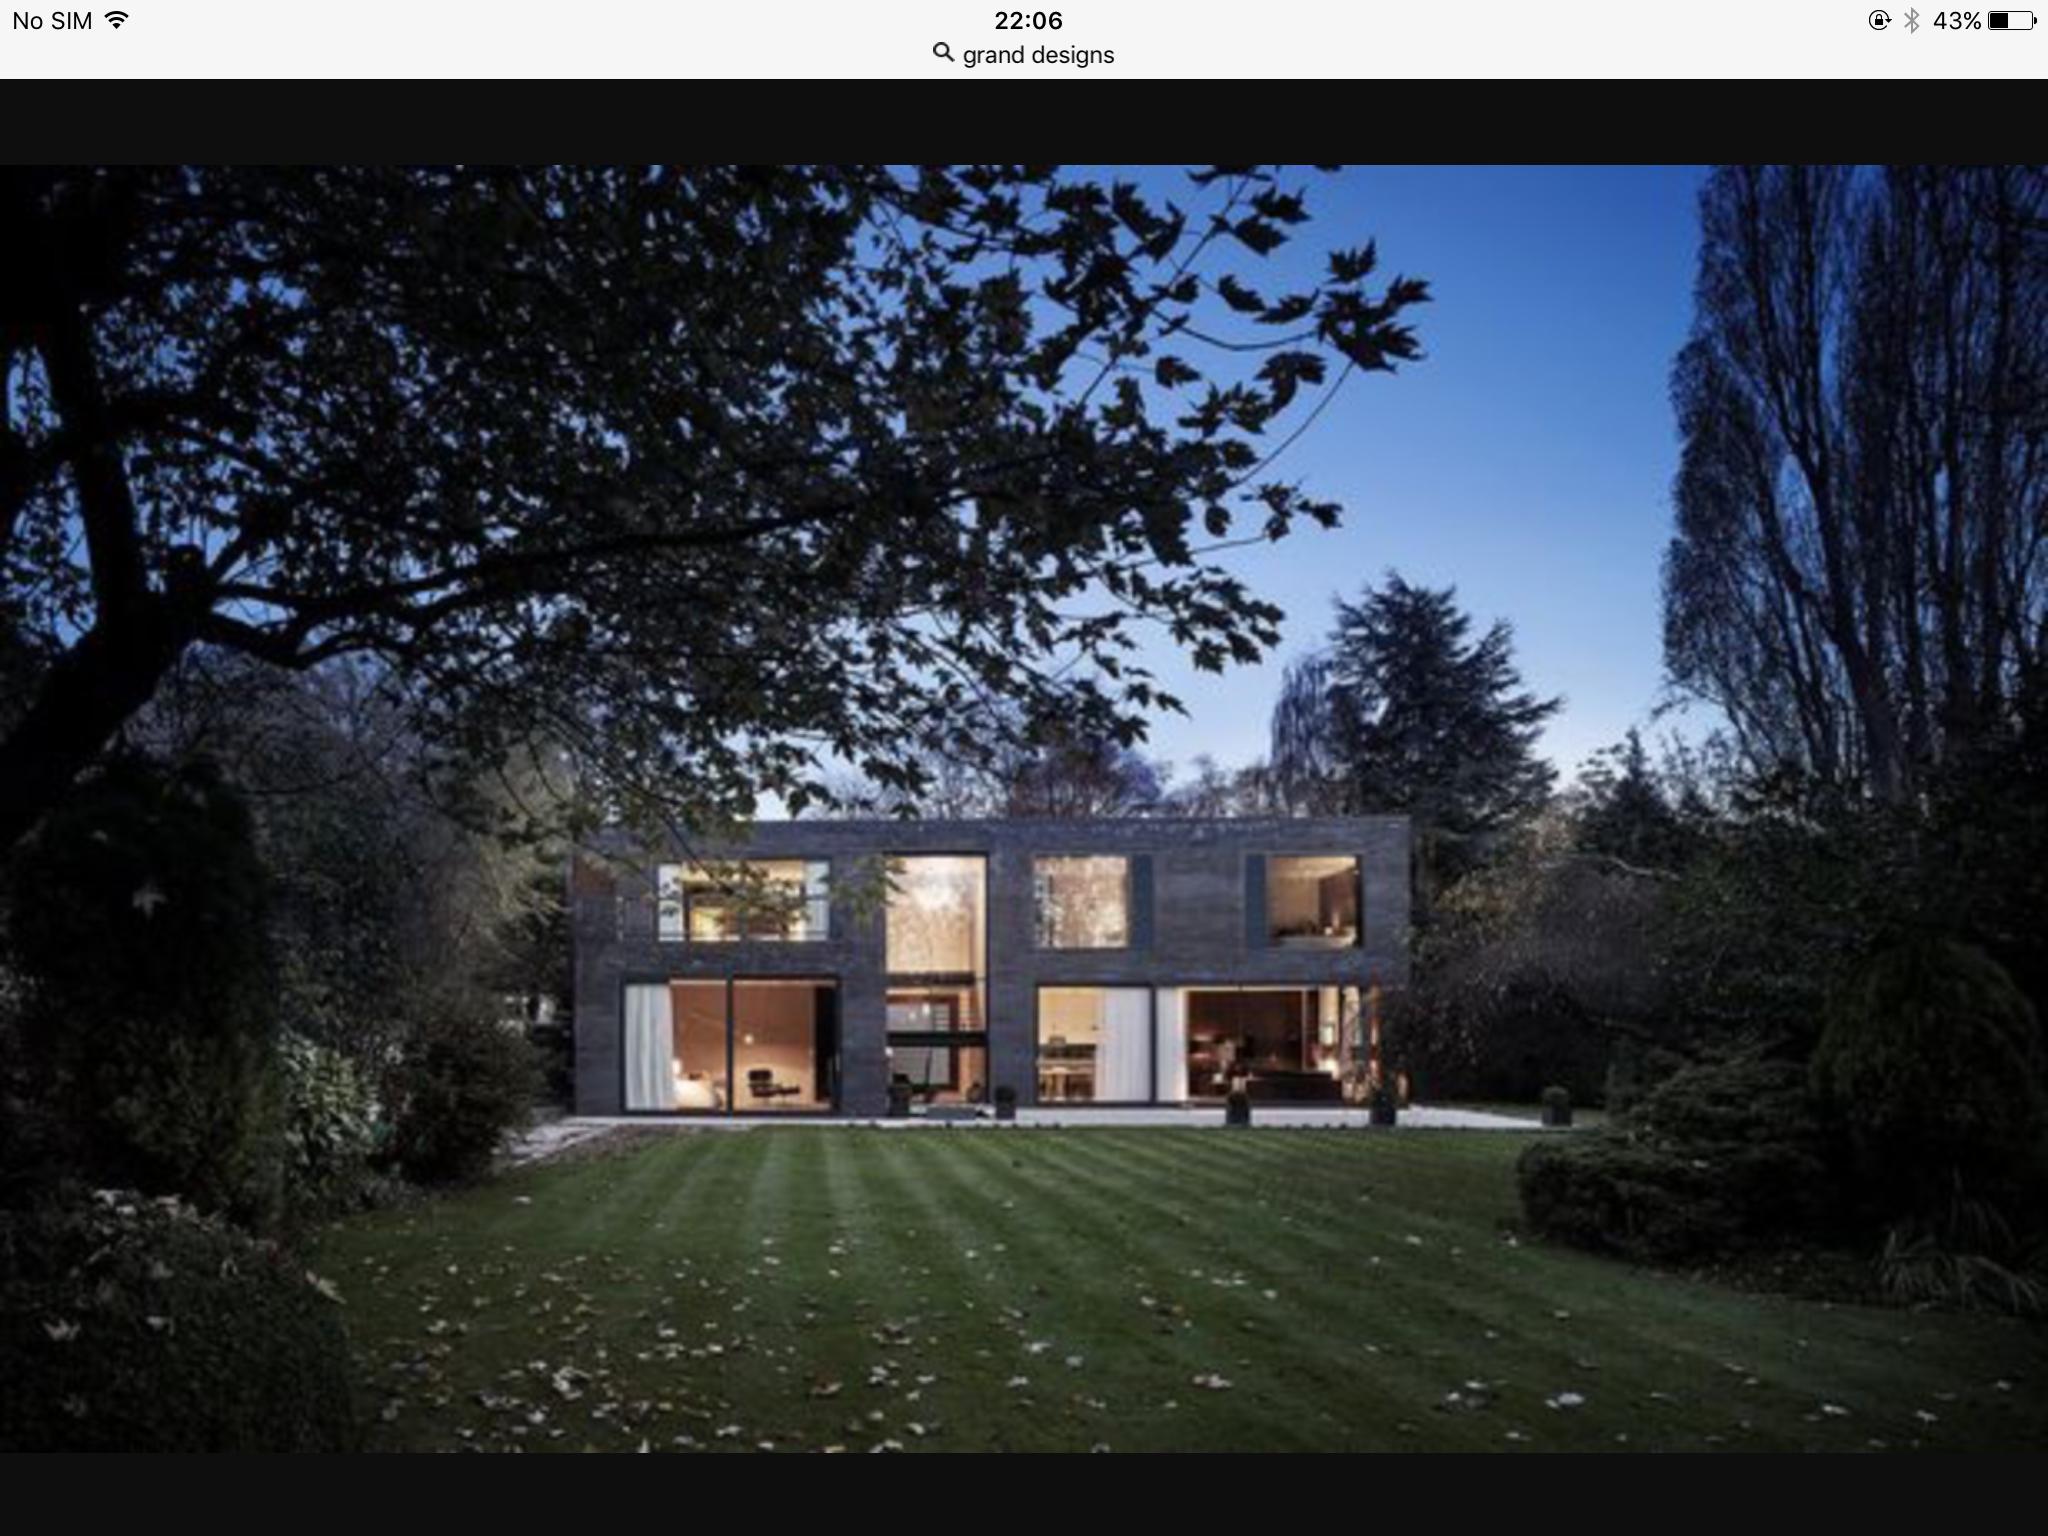 Pin von Paul Cookson auf House Design | Pinterest